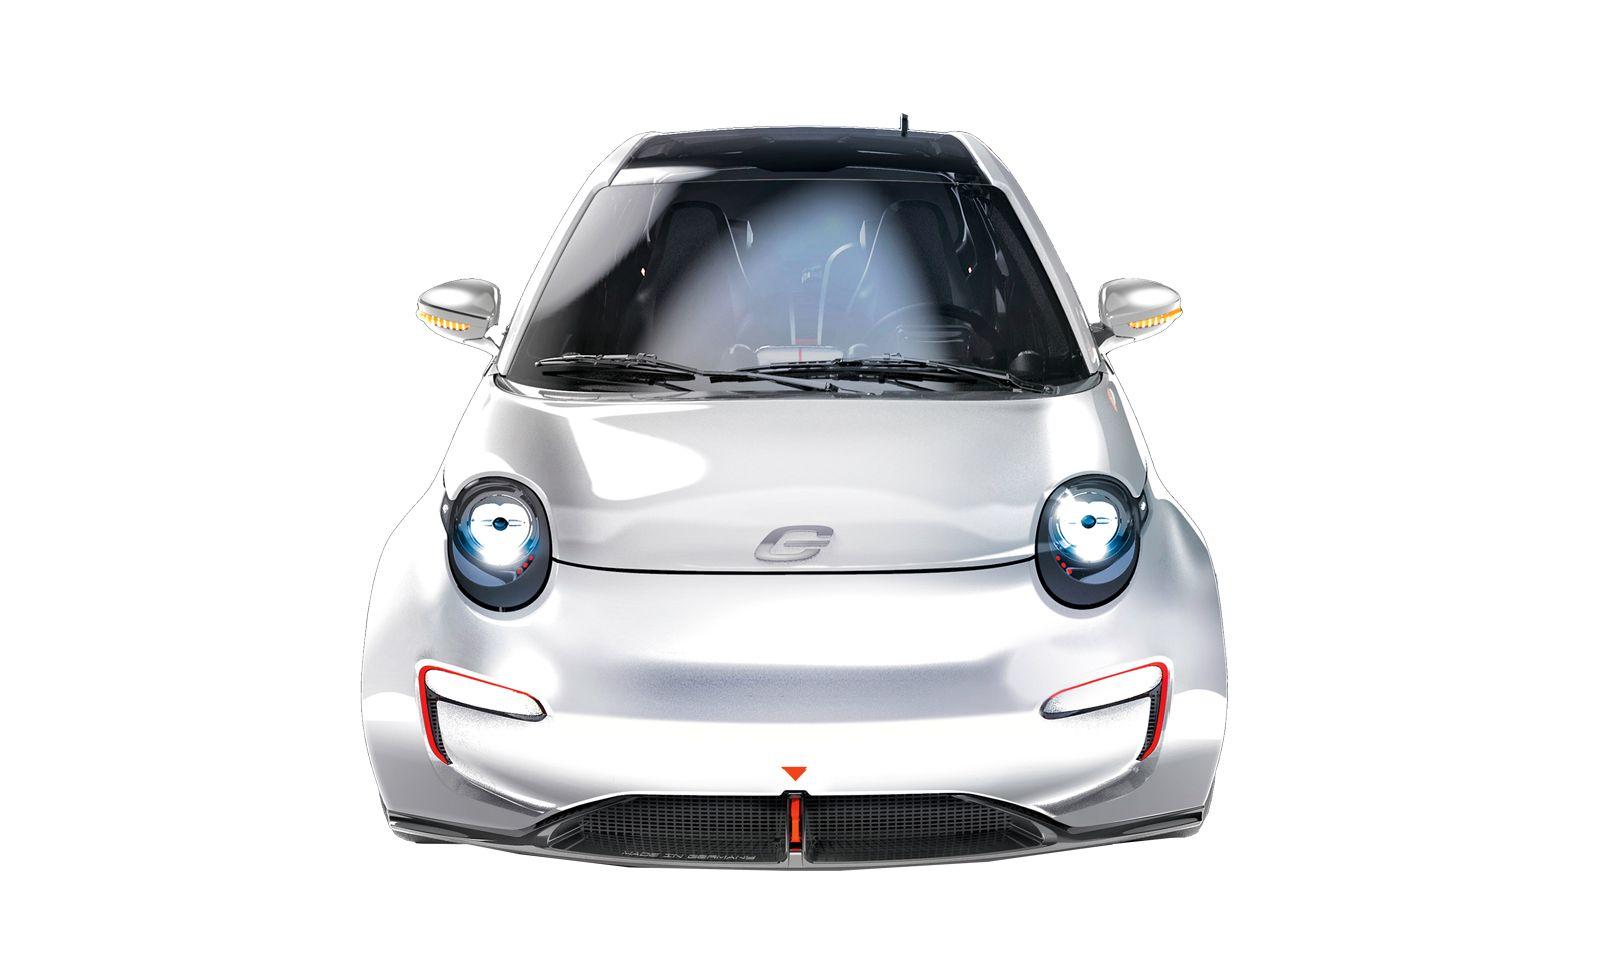 Wunderwuzzi. Pflegeleicht, sparsam in Abmessungen und Energieverbrauch: e.Go als Twingo der 2020er.